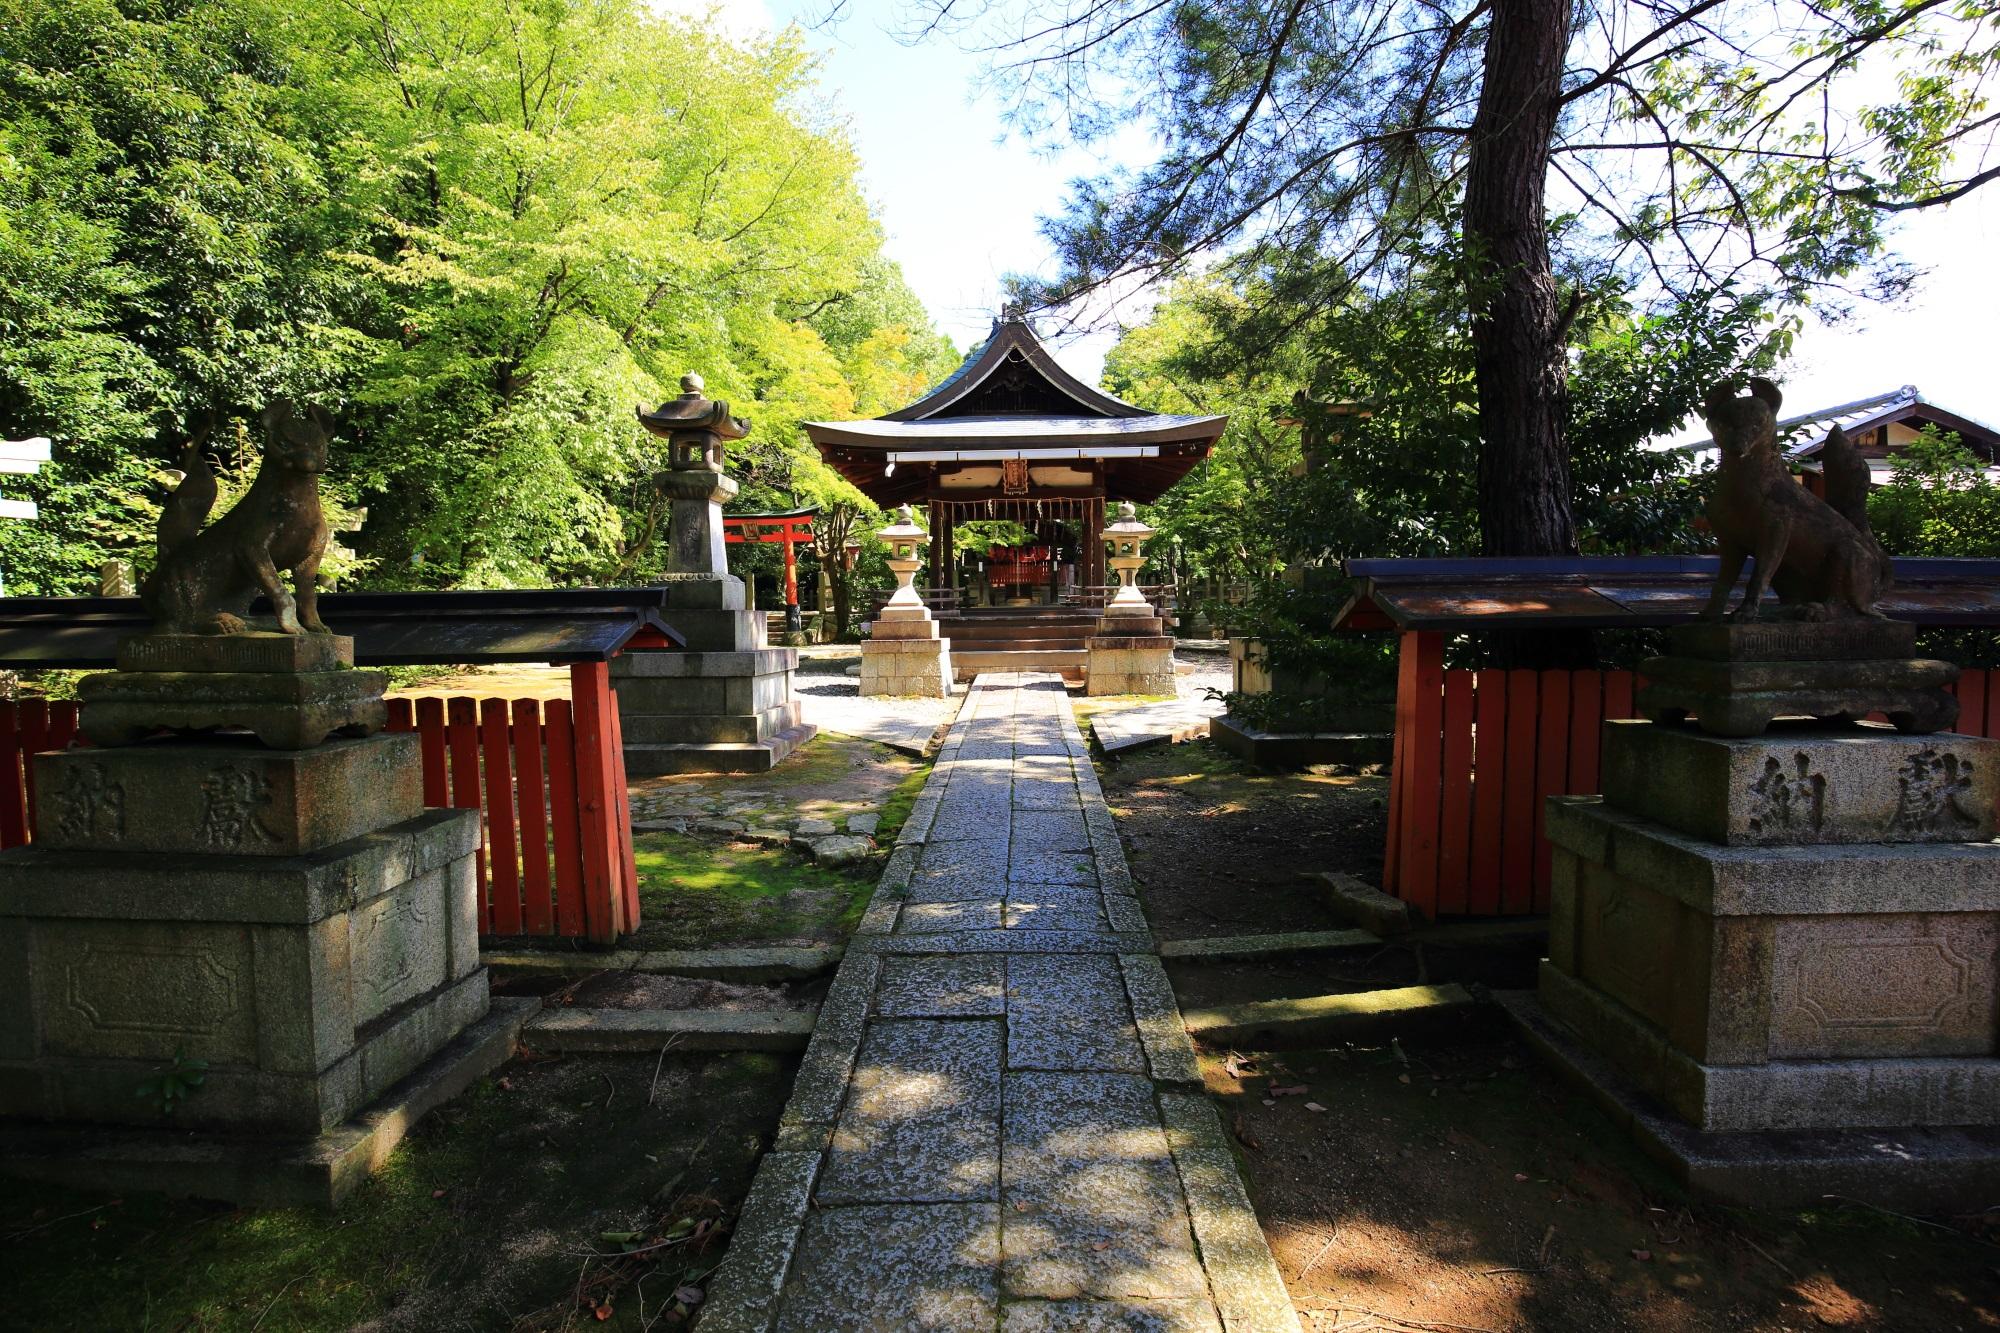 春の桜や秋の紅葉の隠れた名所の竹中稲荷神社